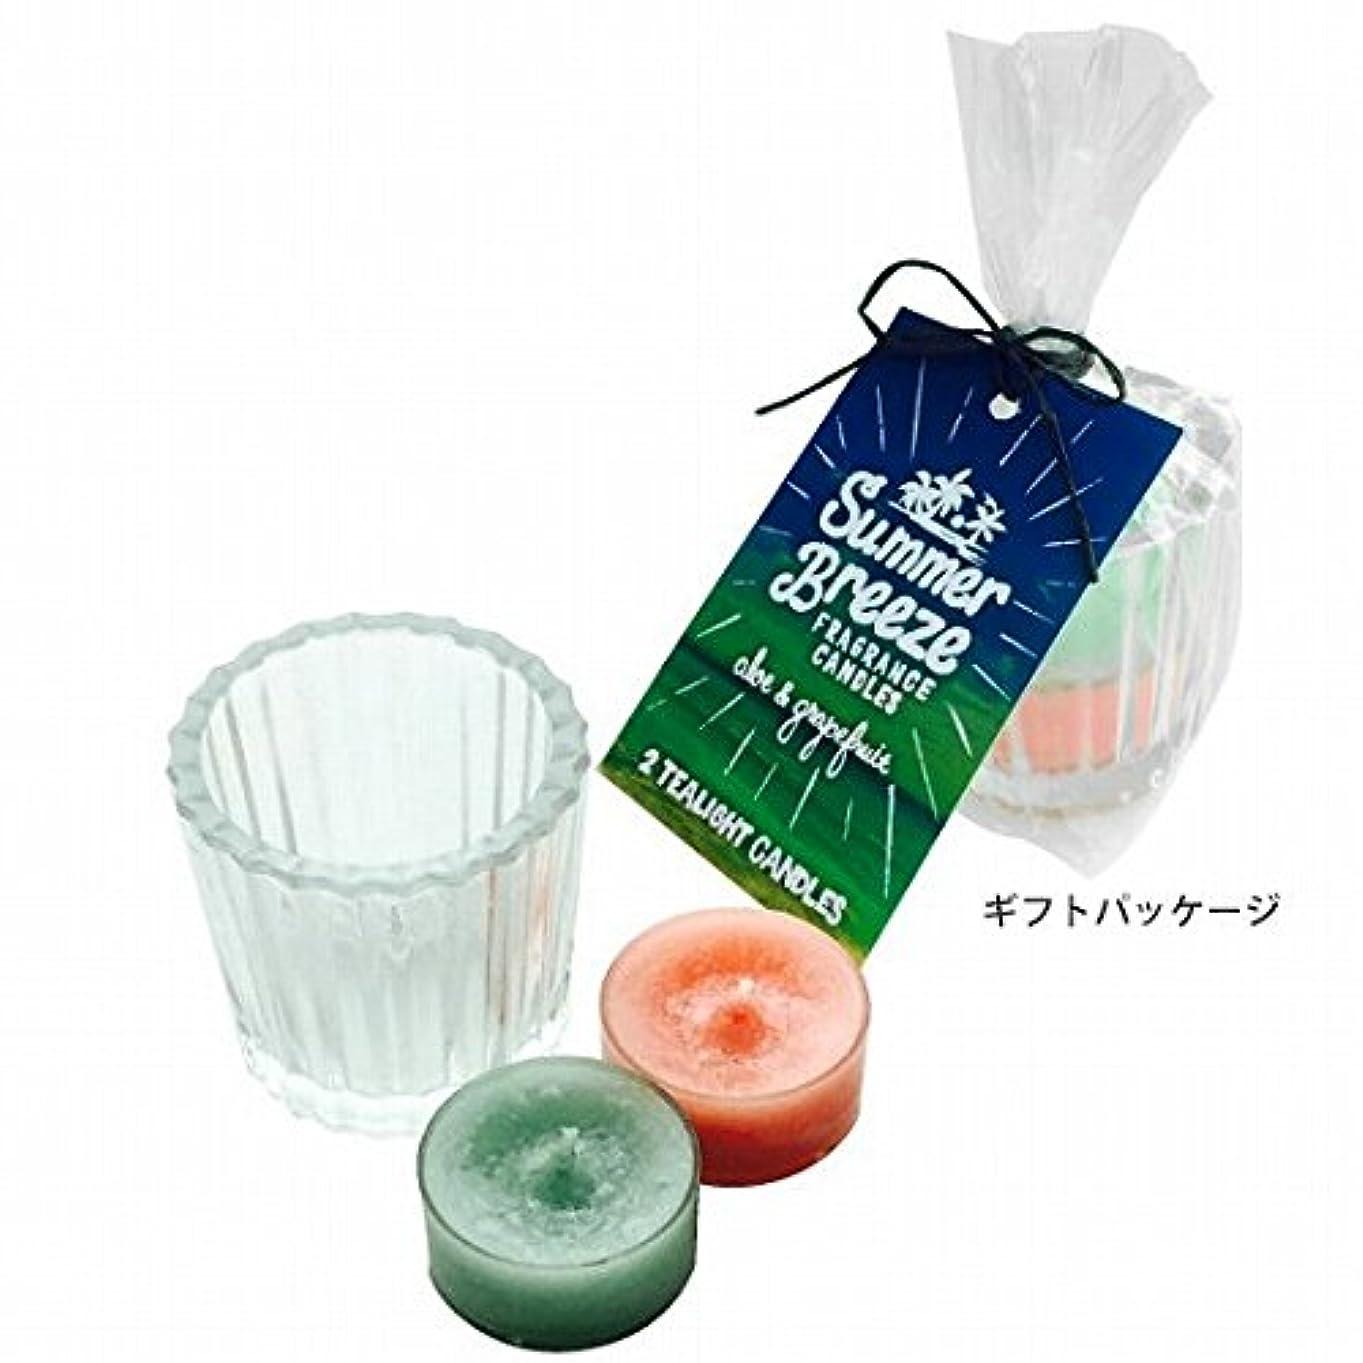 ルアーアンプハシーカメヤマキャンドル(kameyama candle) サマーブリーズティーライトキャンドルセット